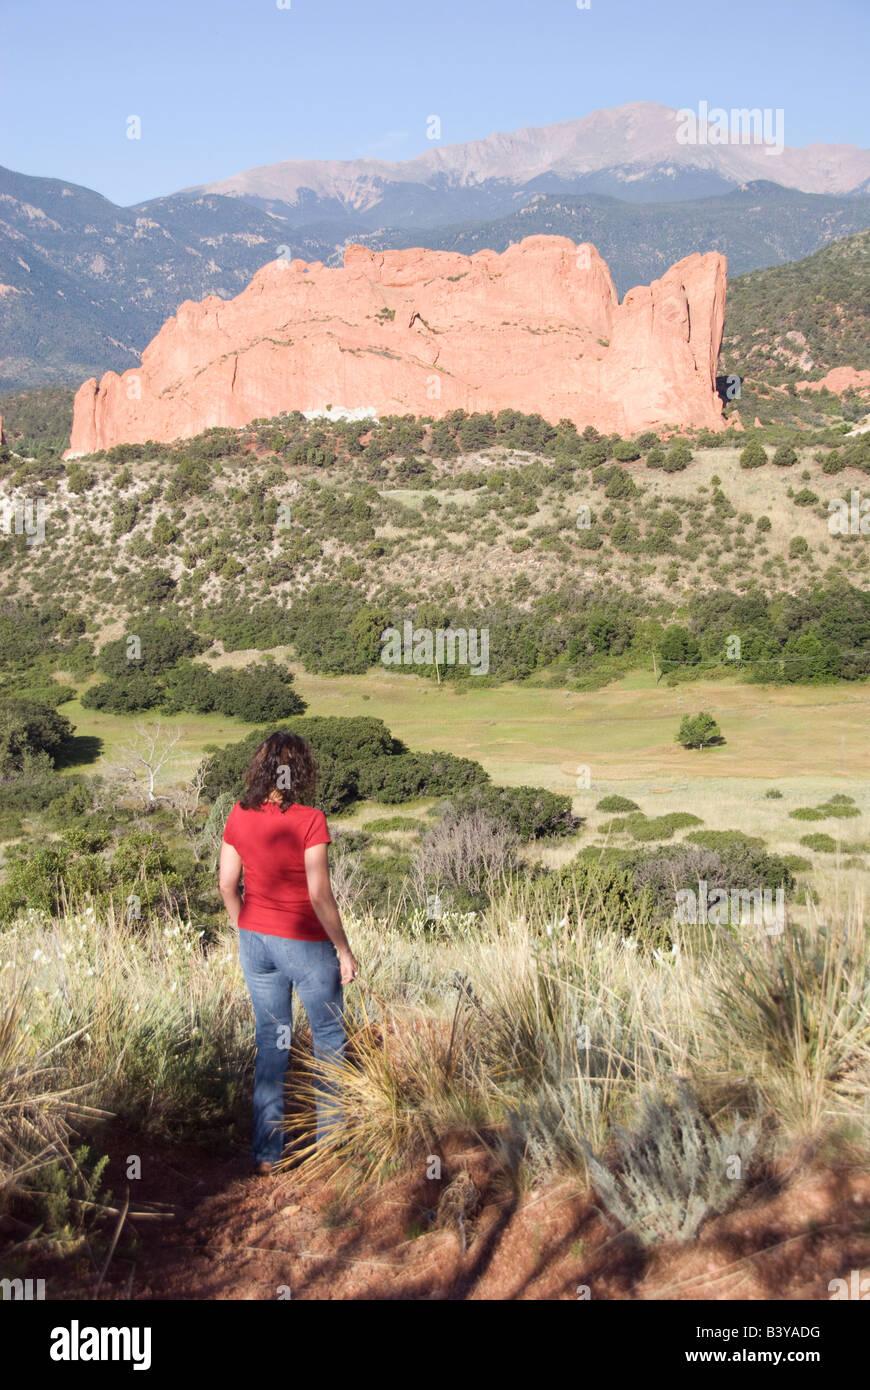 USA, Colorado, Colorado Springs, Garden of the Gods. - Stock Image